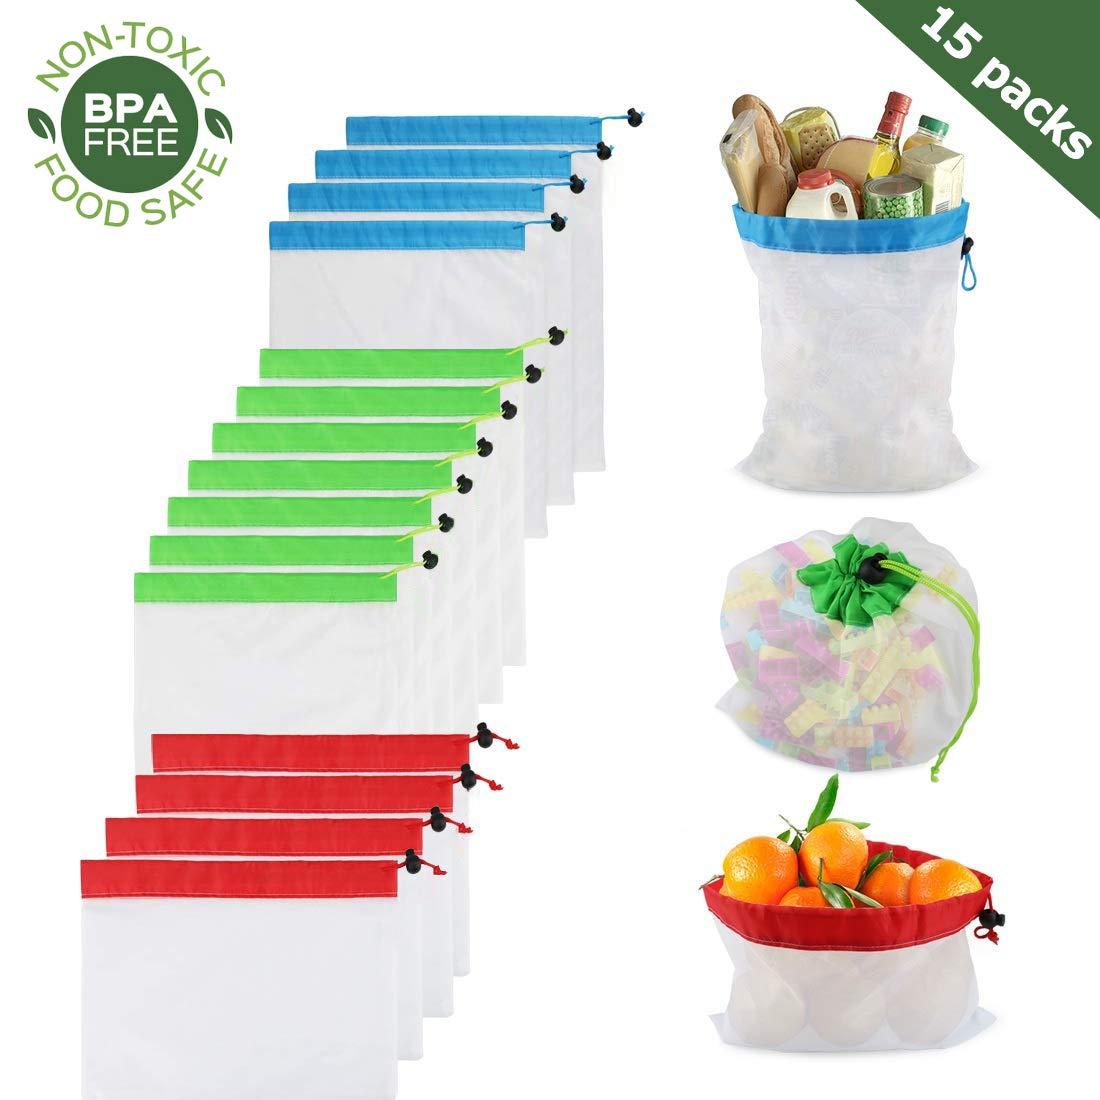 再利用可能な生鮮食品バッグ 15枚入り シースルー メッシュ 生鮮食品バッグ 引き紐付き 洗濯可能 ダブルステッチ 強度 食料品バッグ ショッピング フルーツ 野菜 おもちゃ 環境に優しい 3サイズ B07S74ZQHP